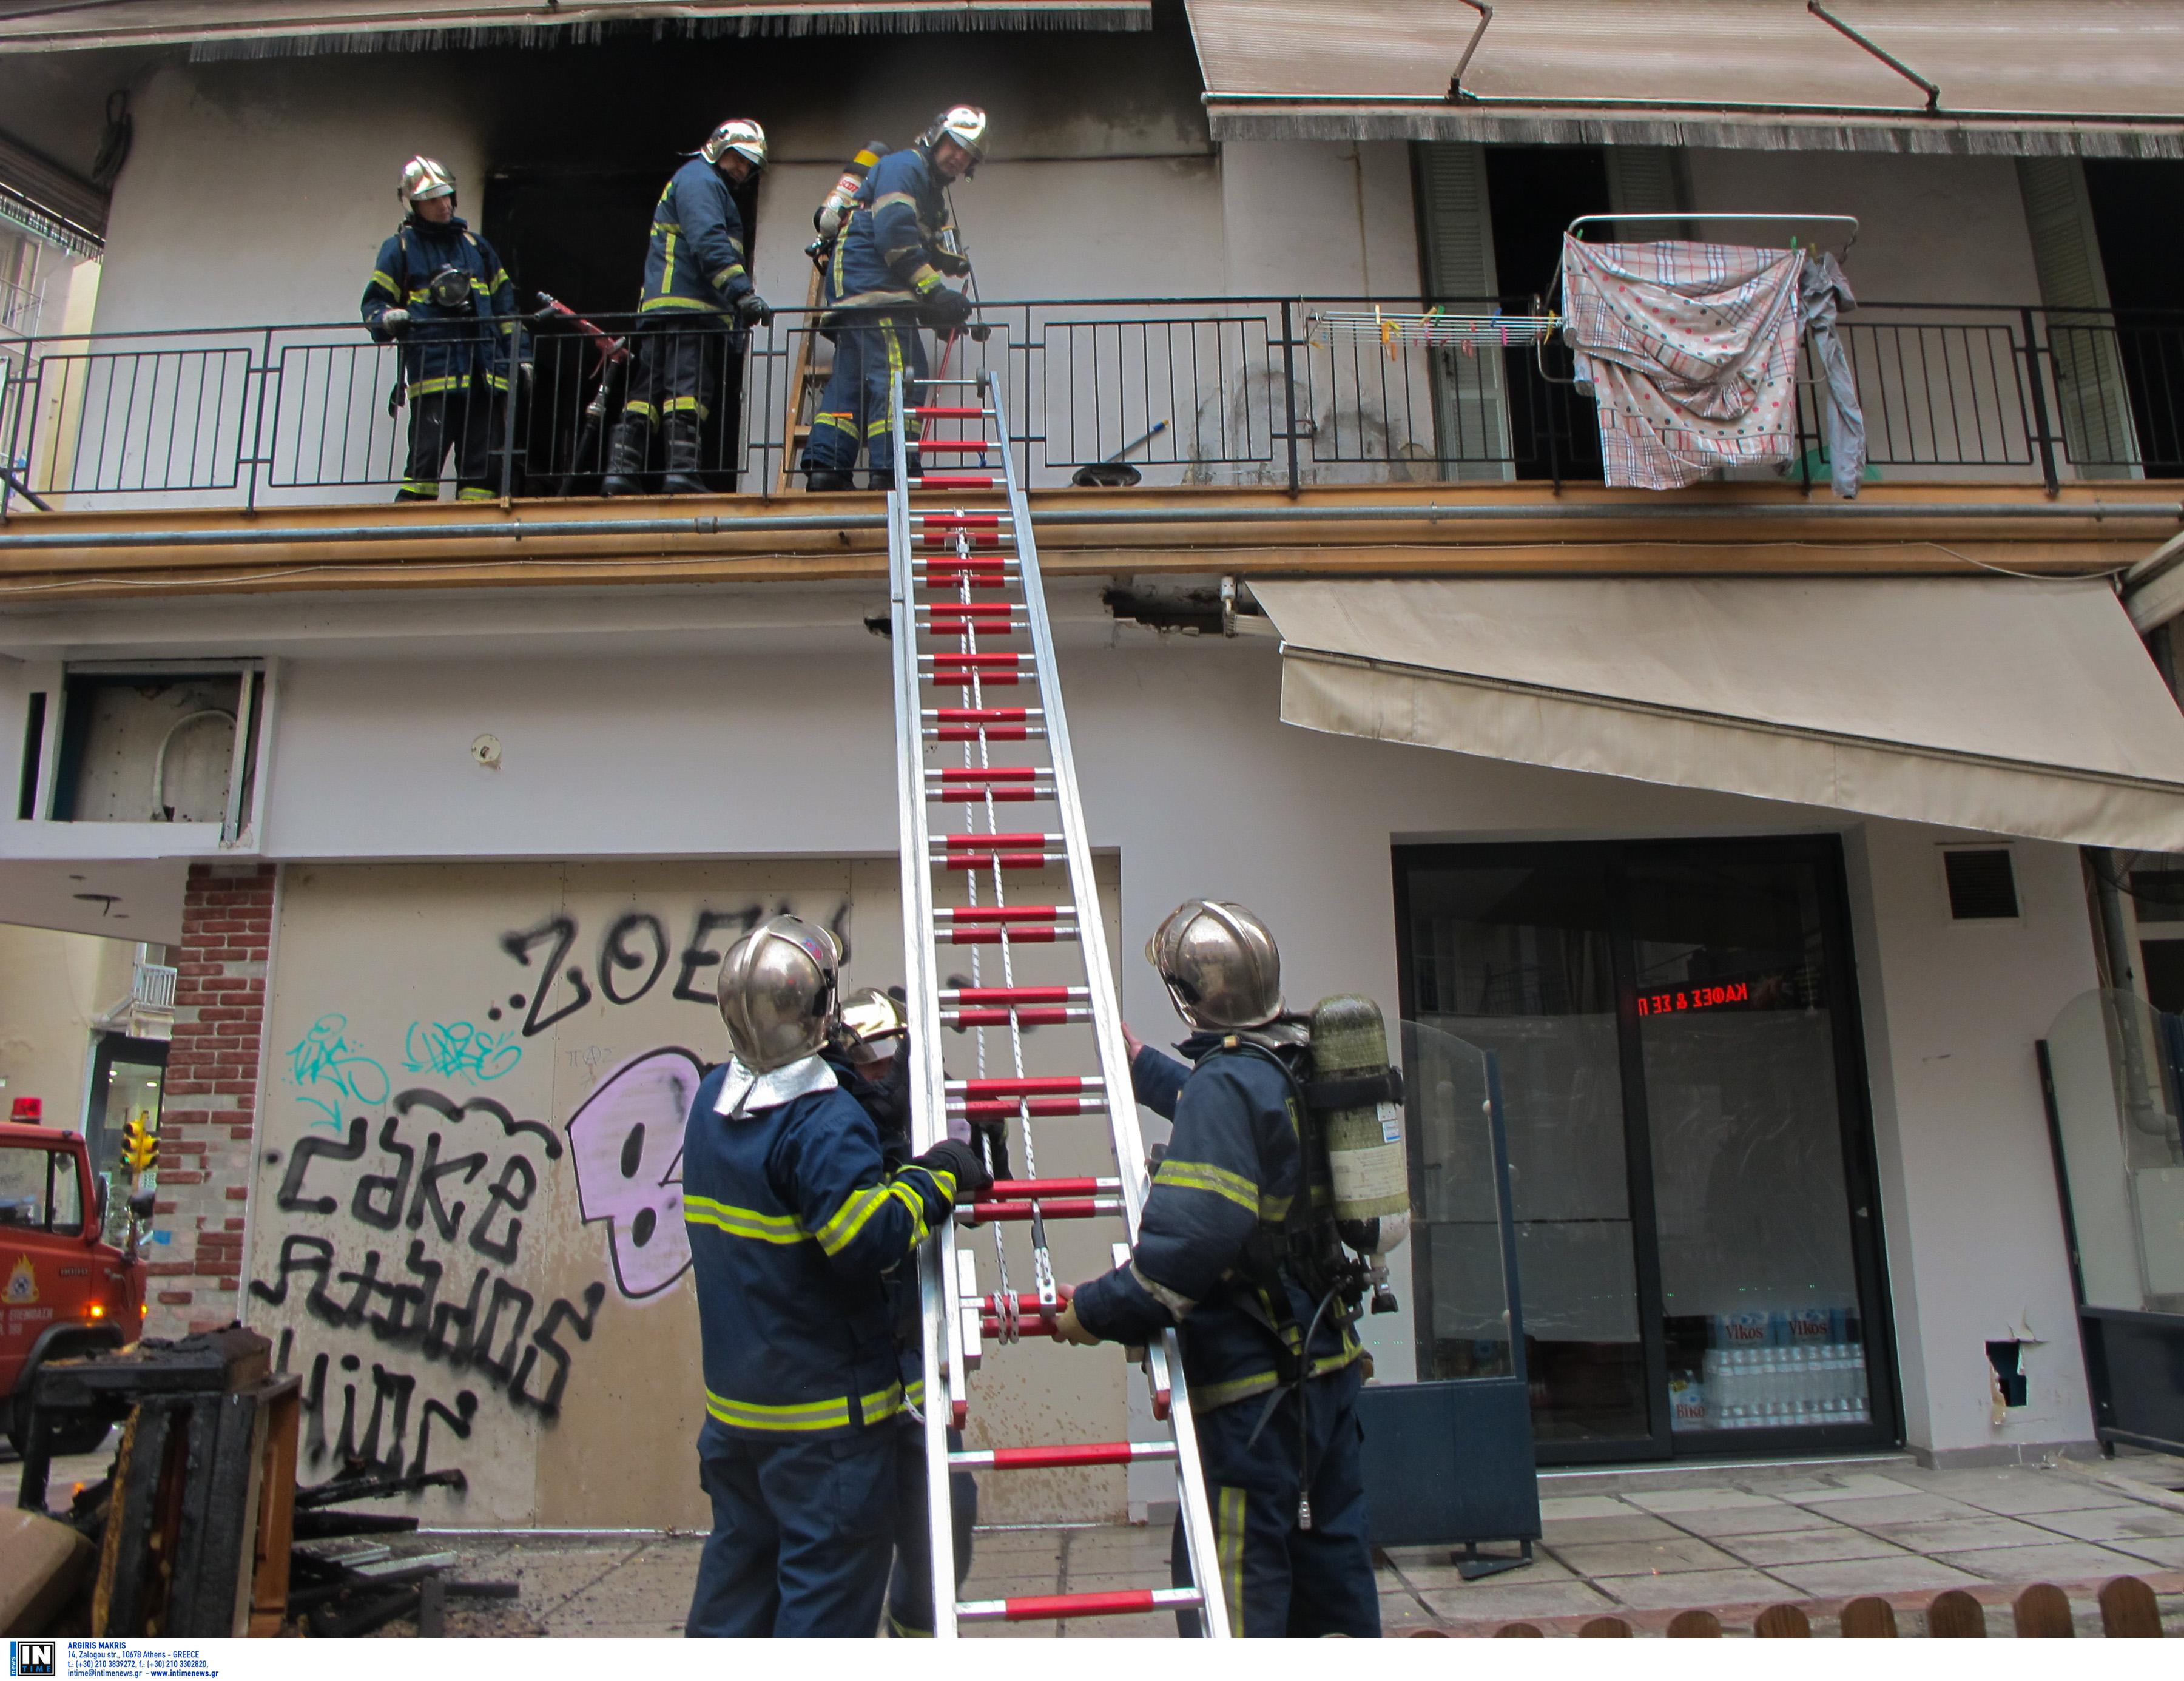 Θεσσαλονίκη: Έβαλε φωτιά στην πολυκατοικία για ένα χρέος των 50 ευρώ